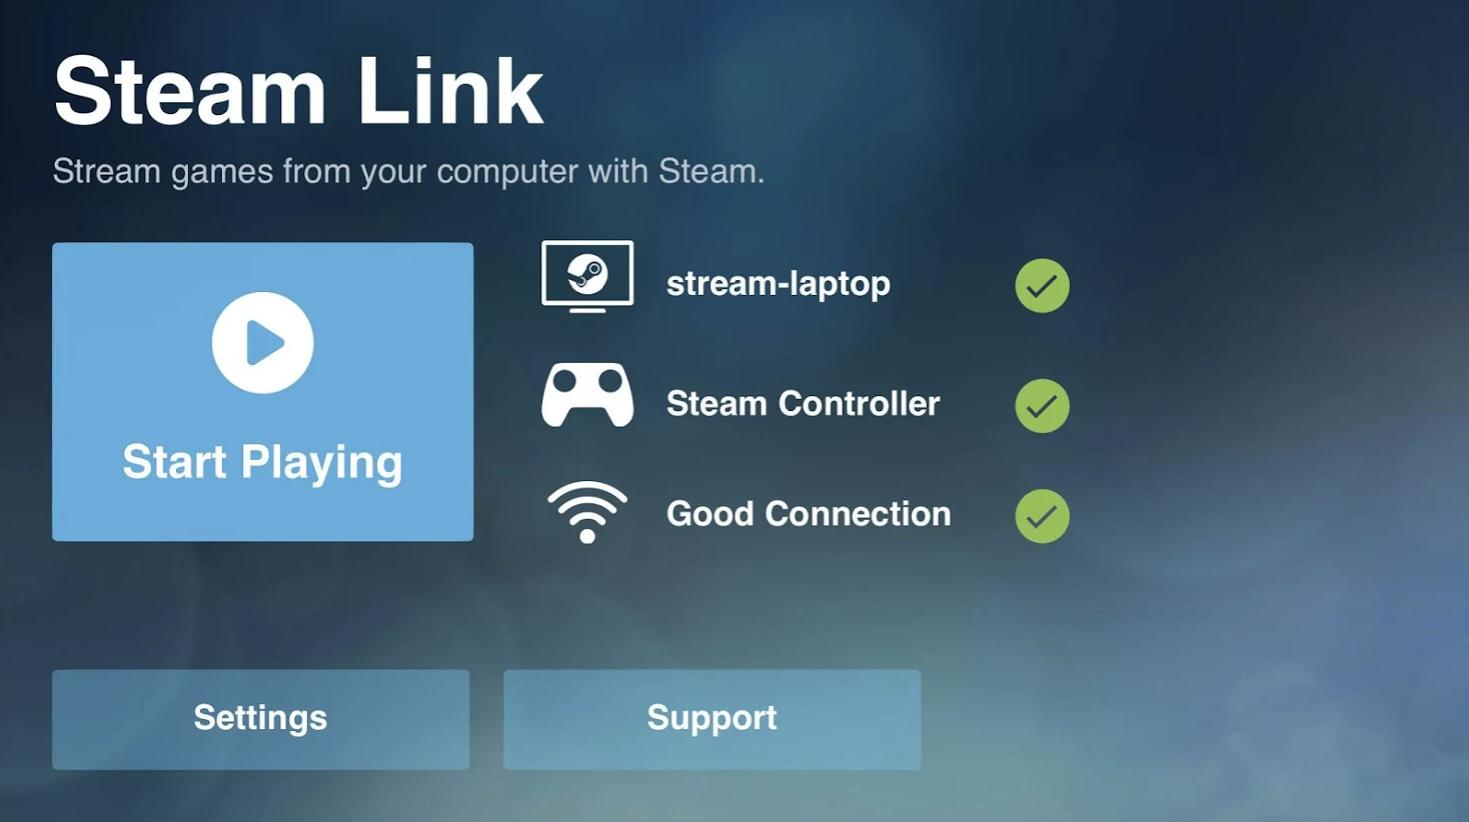 Tilkoblingsgrensesnittet i Steam Link.